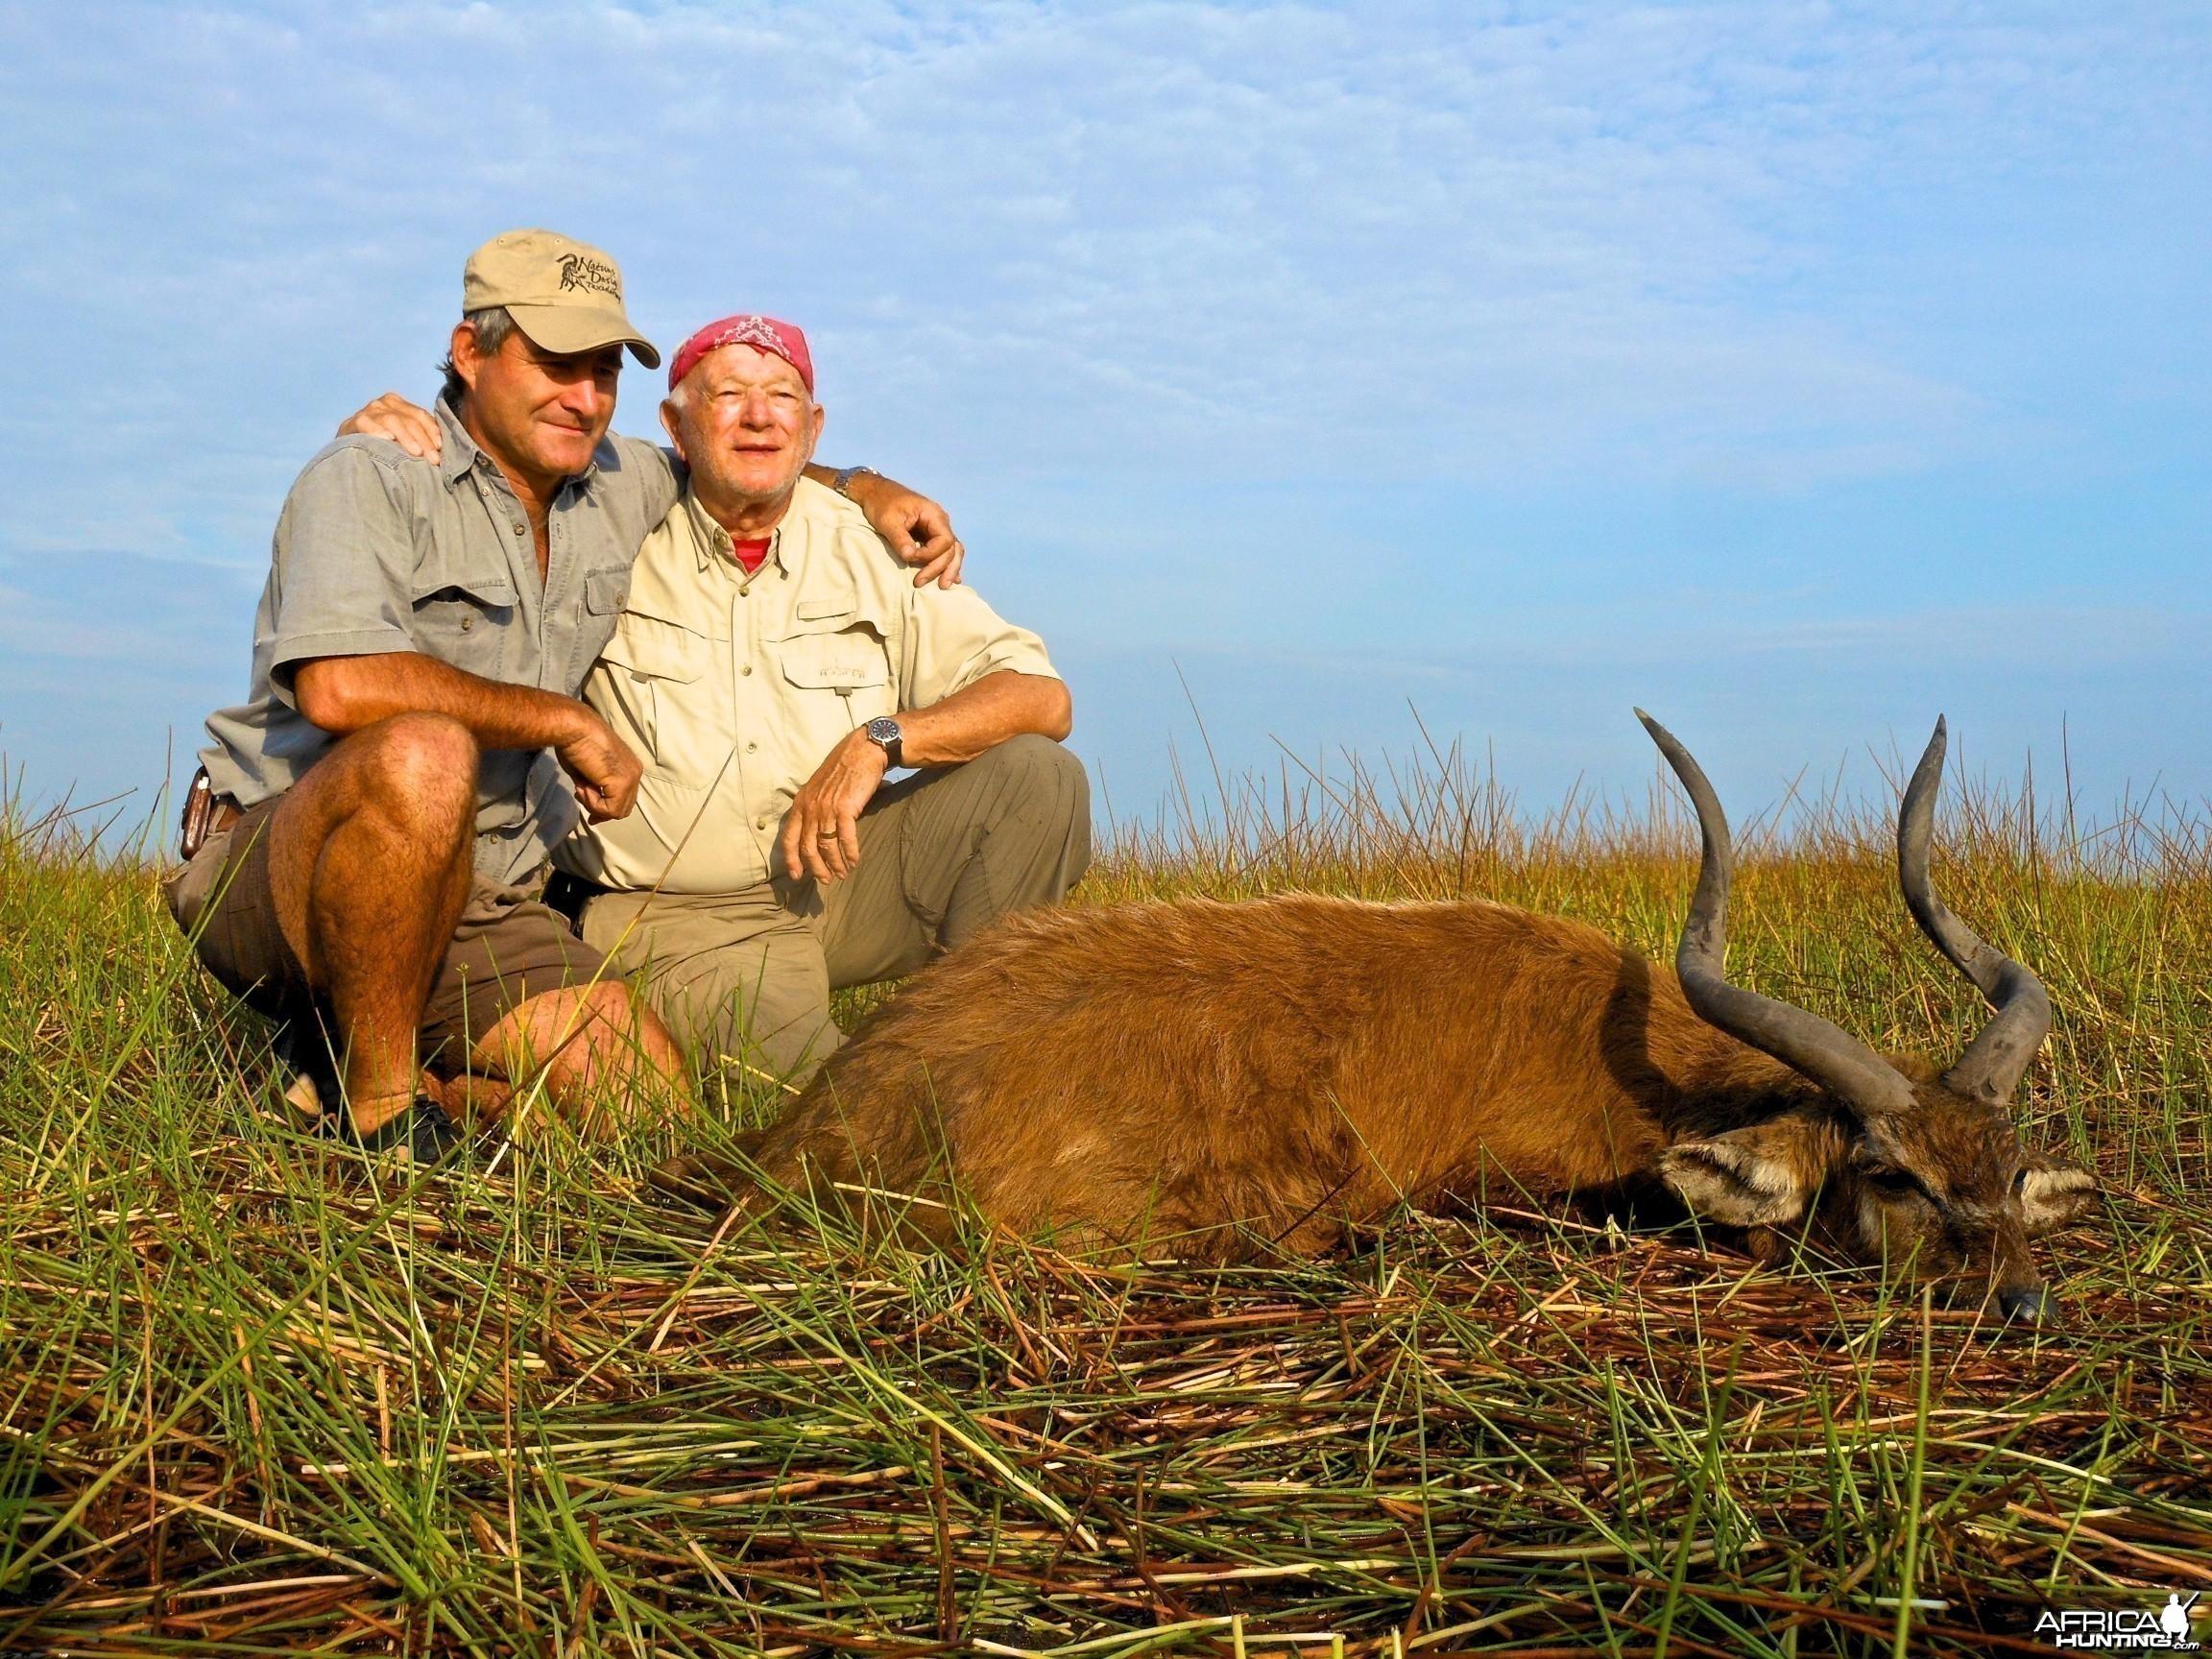 Also Zambia sitatunga with Spear Safaris